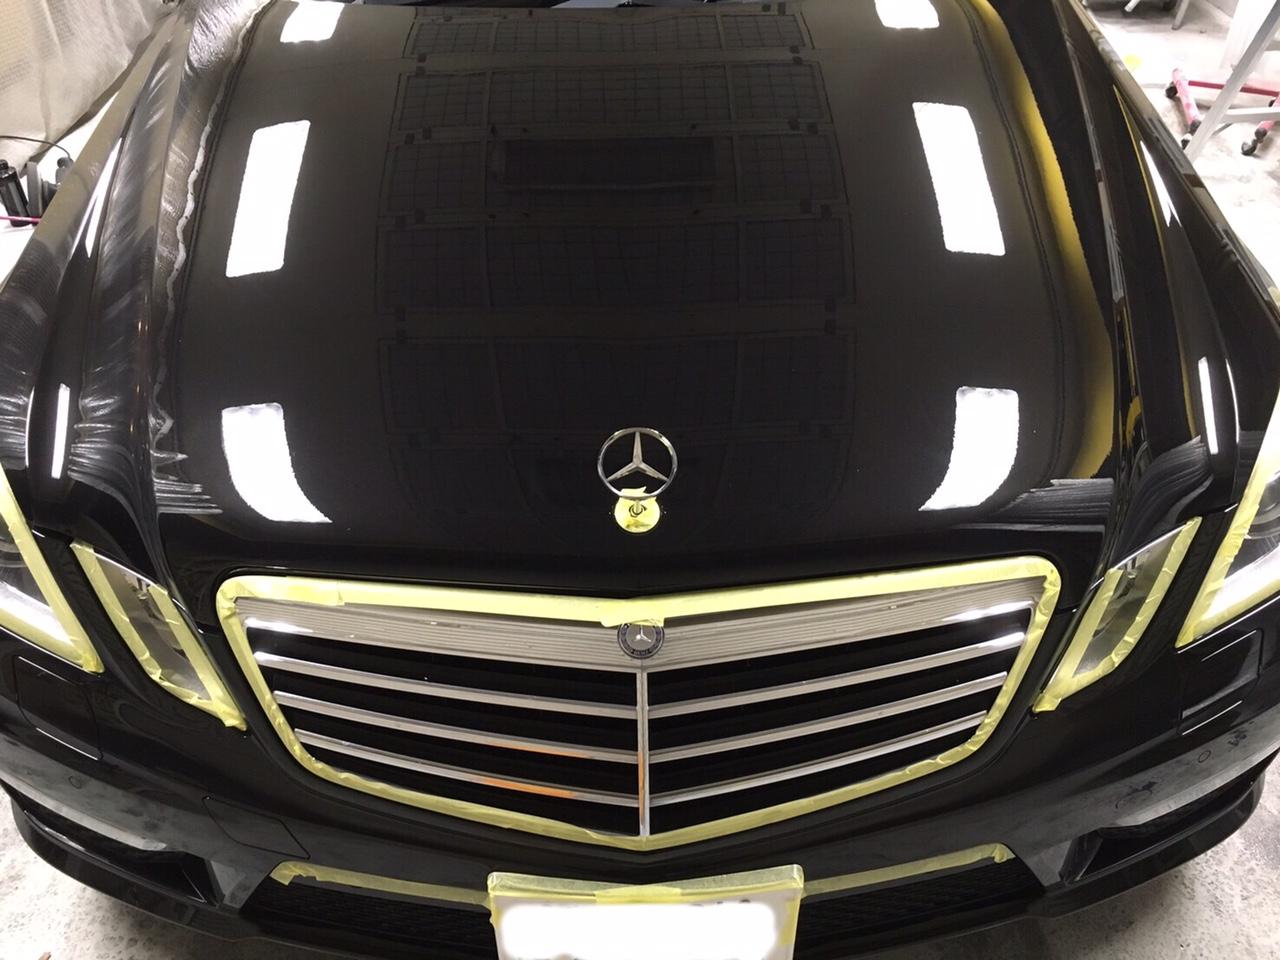 メルセデスベンツ E63 AMG ガラスコーティング施工後2